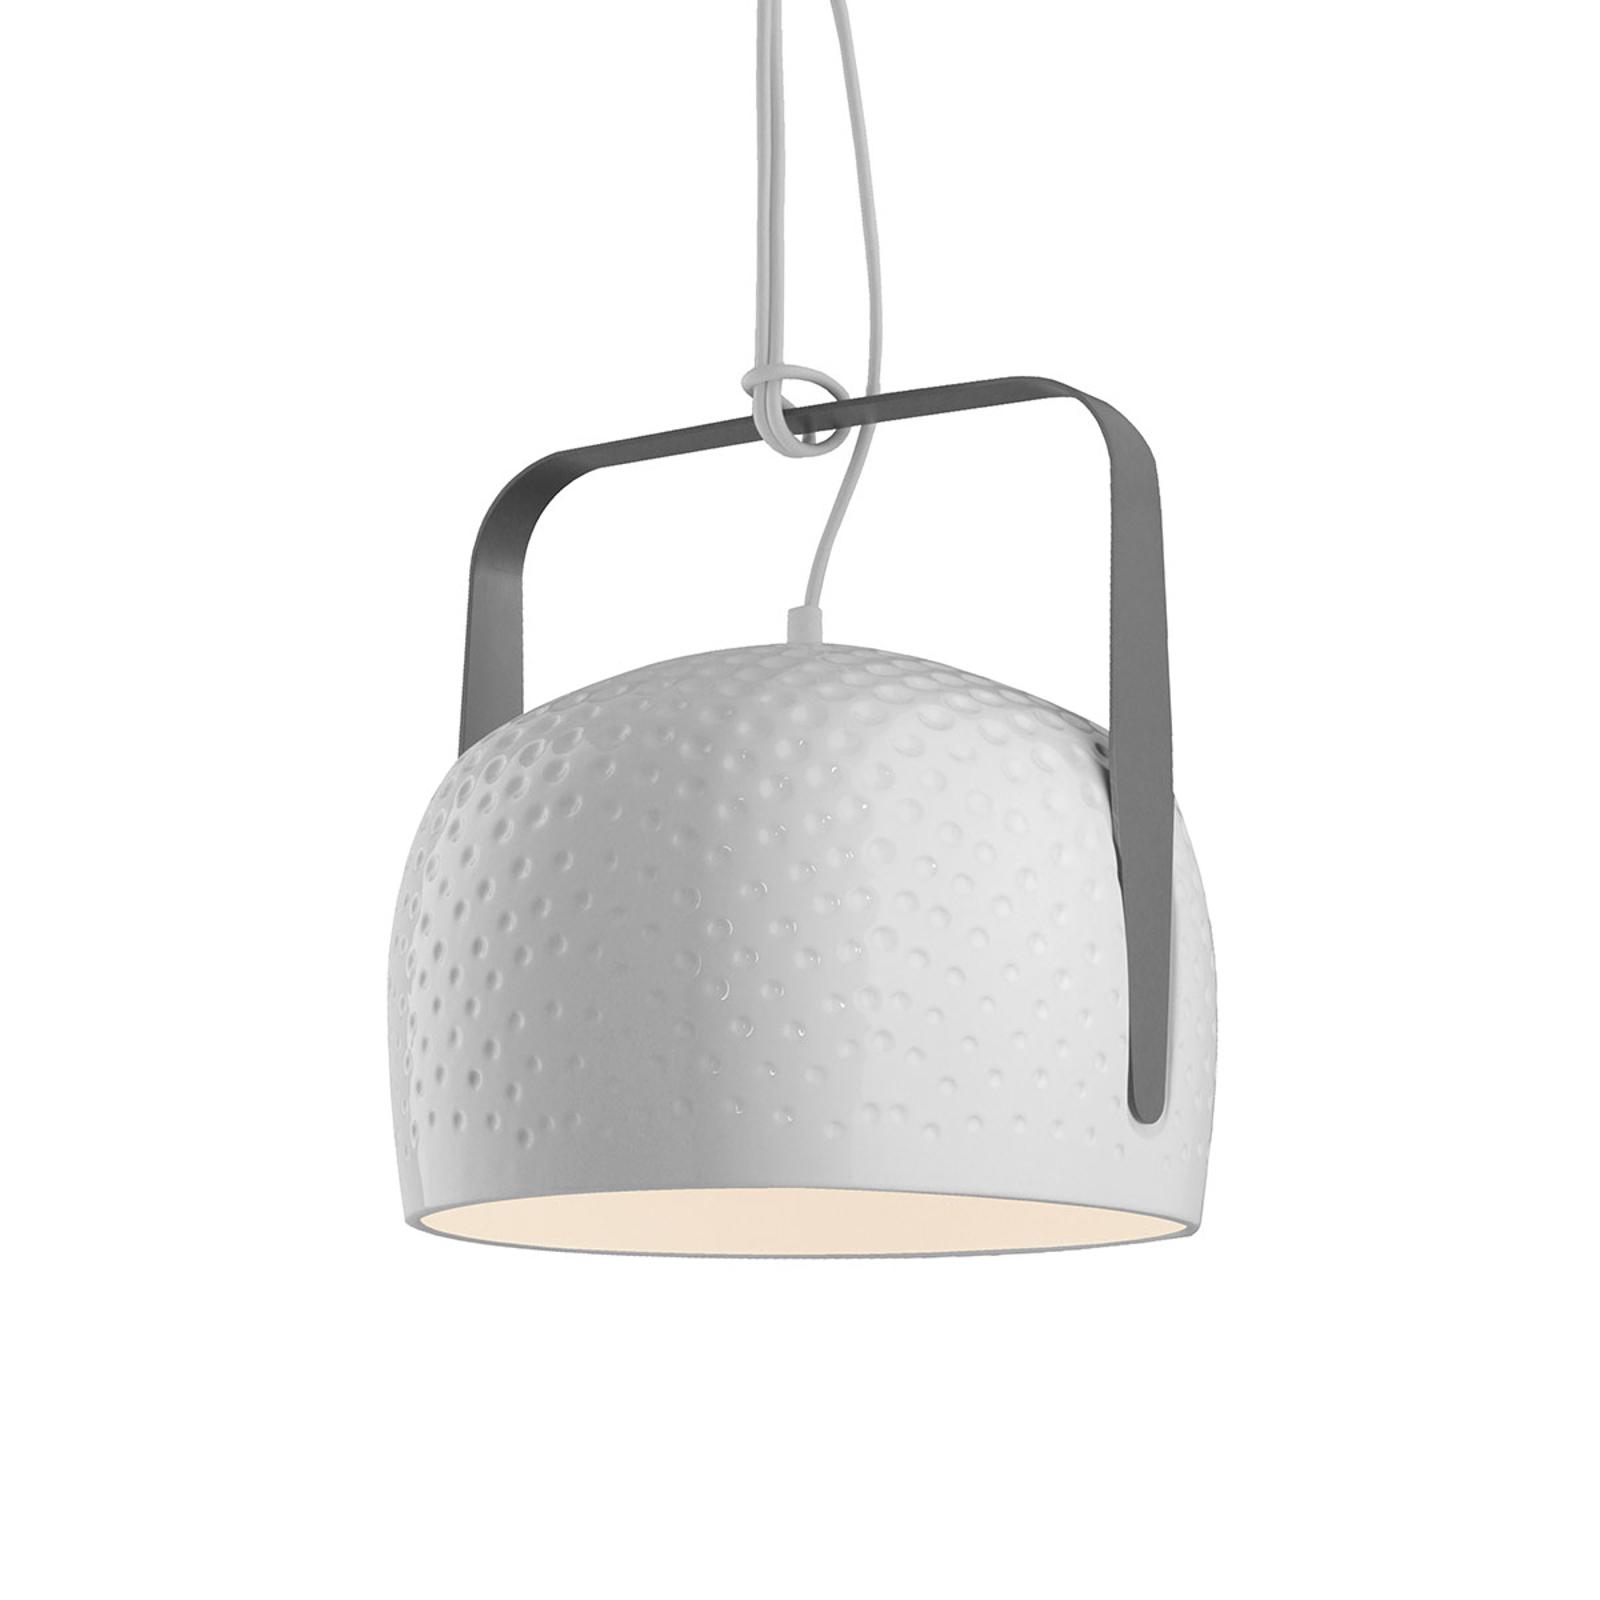 Karman Bag - hvid hængelampe 21 cm, struktureret